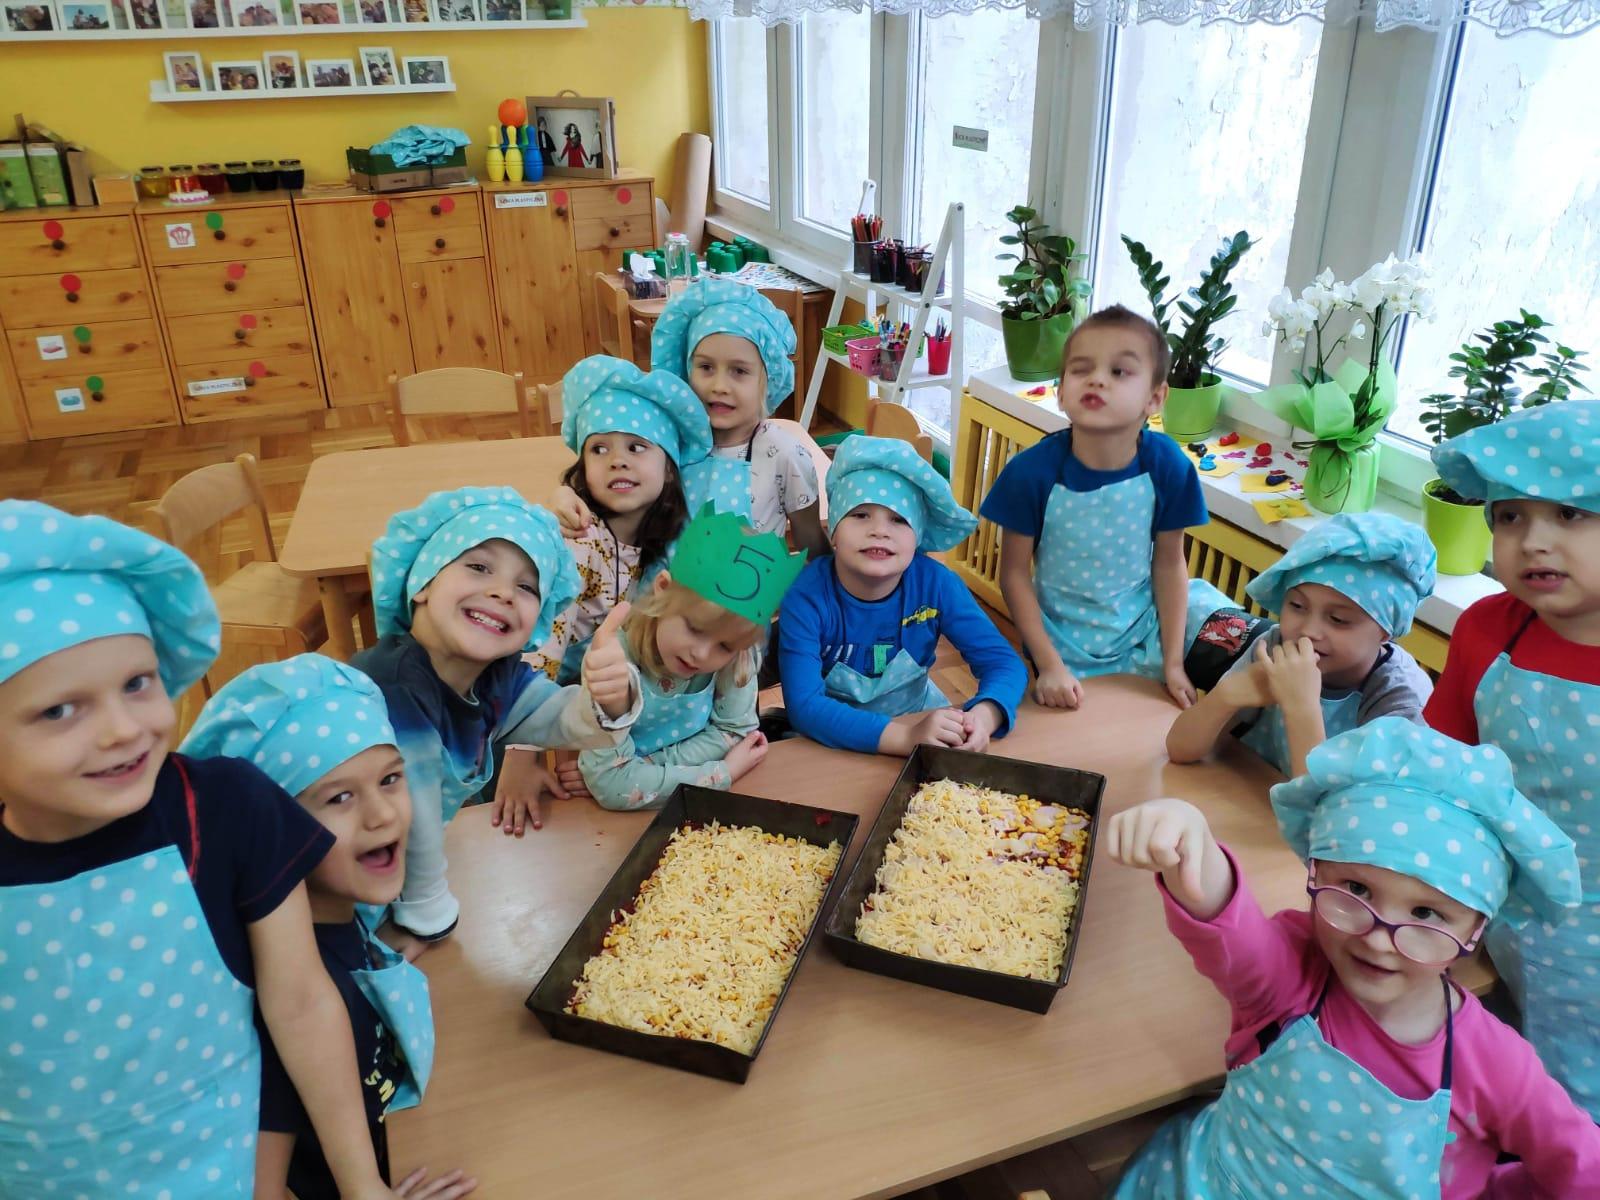 Pychotkowo - smakołyki dla chłopców - Gr. 3 - Ważki -